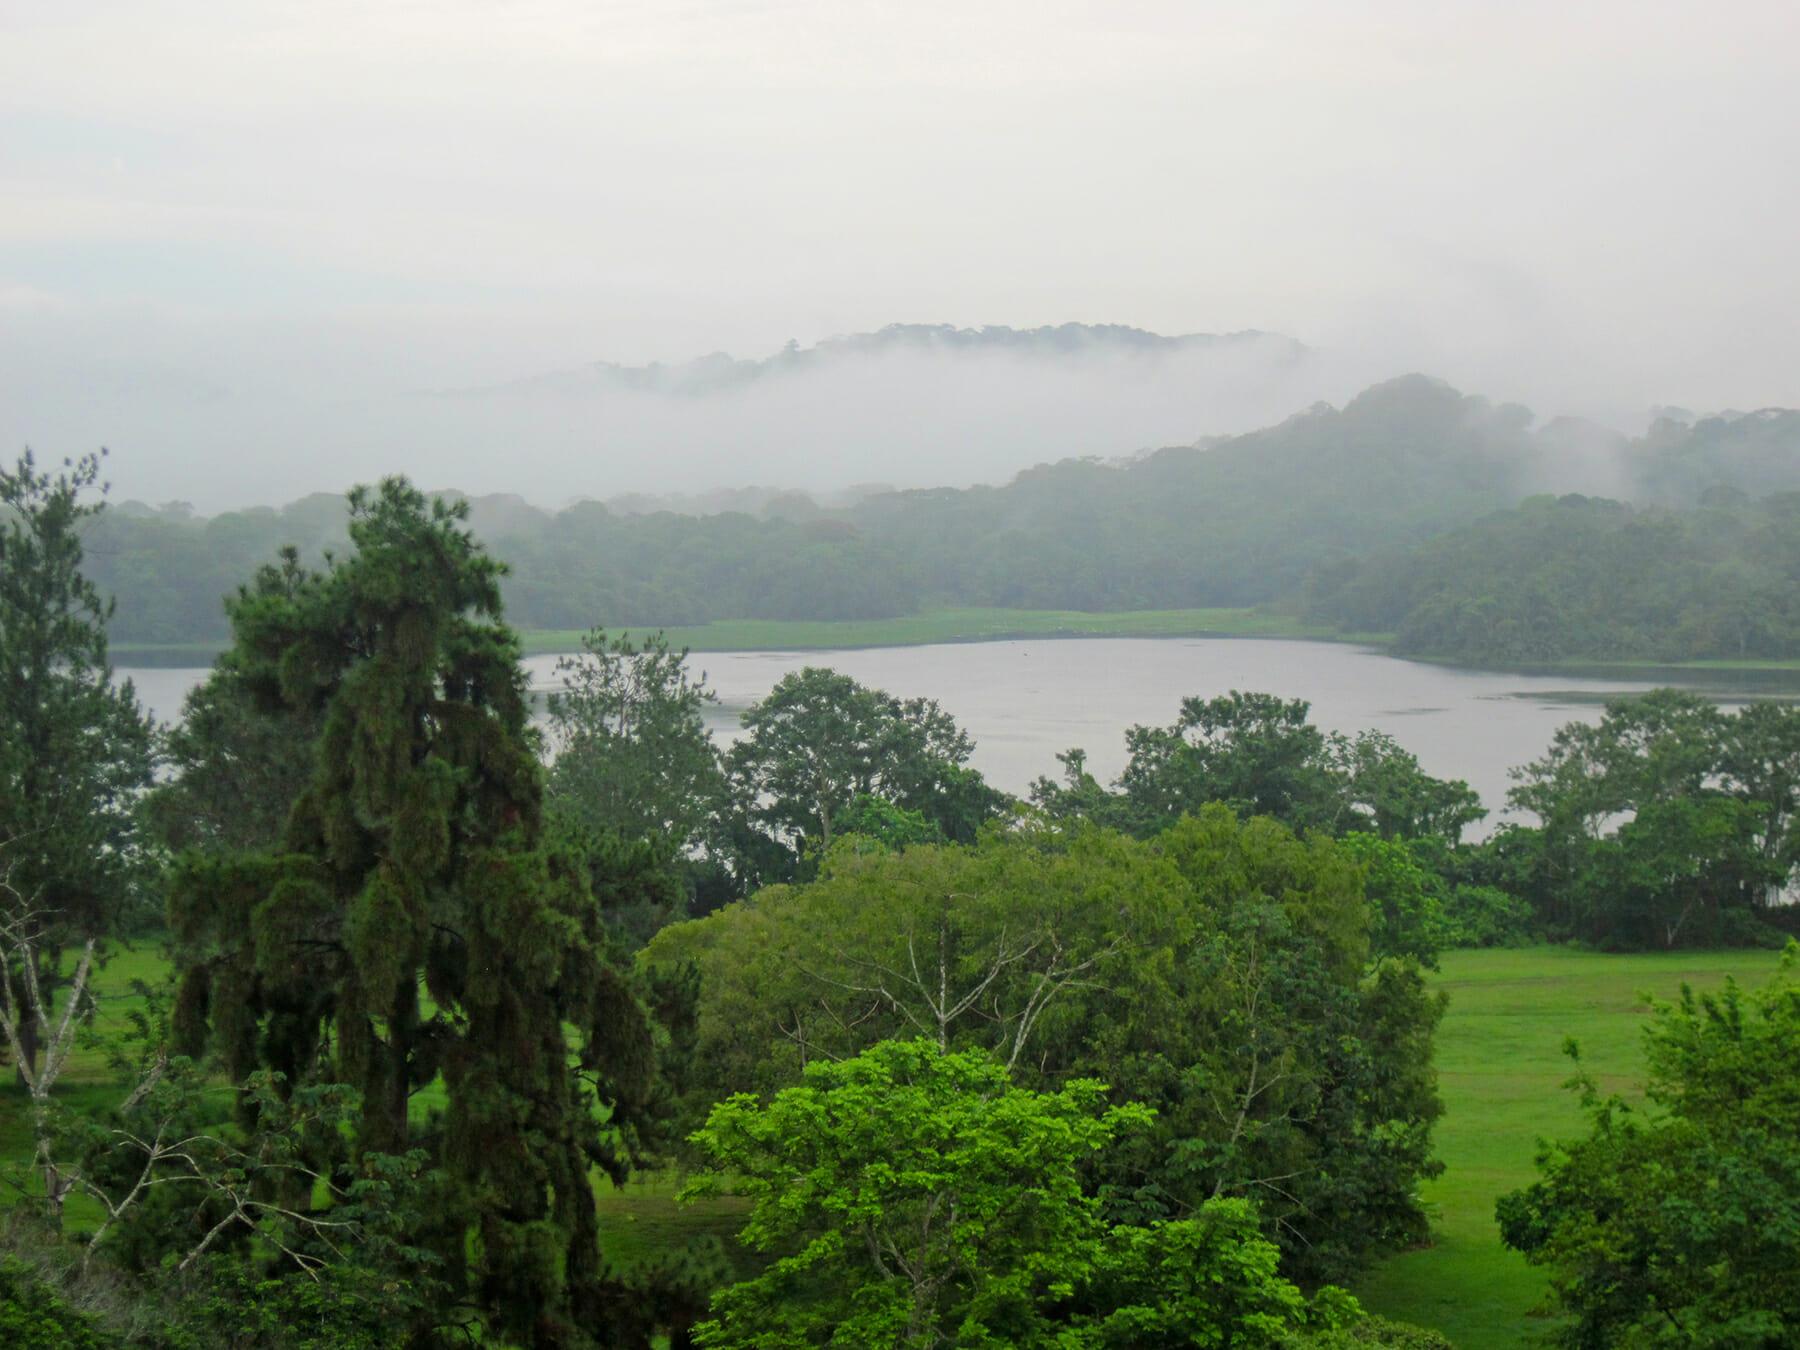 Gamboa, Panama